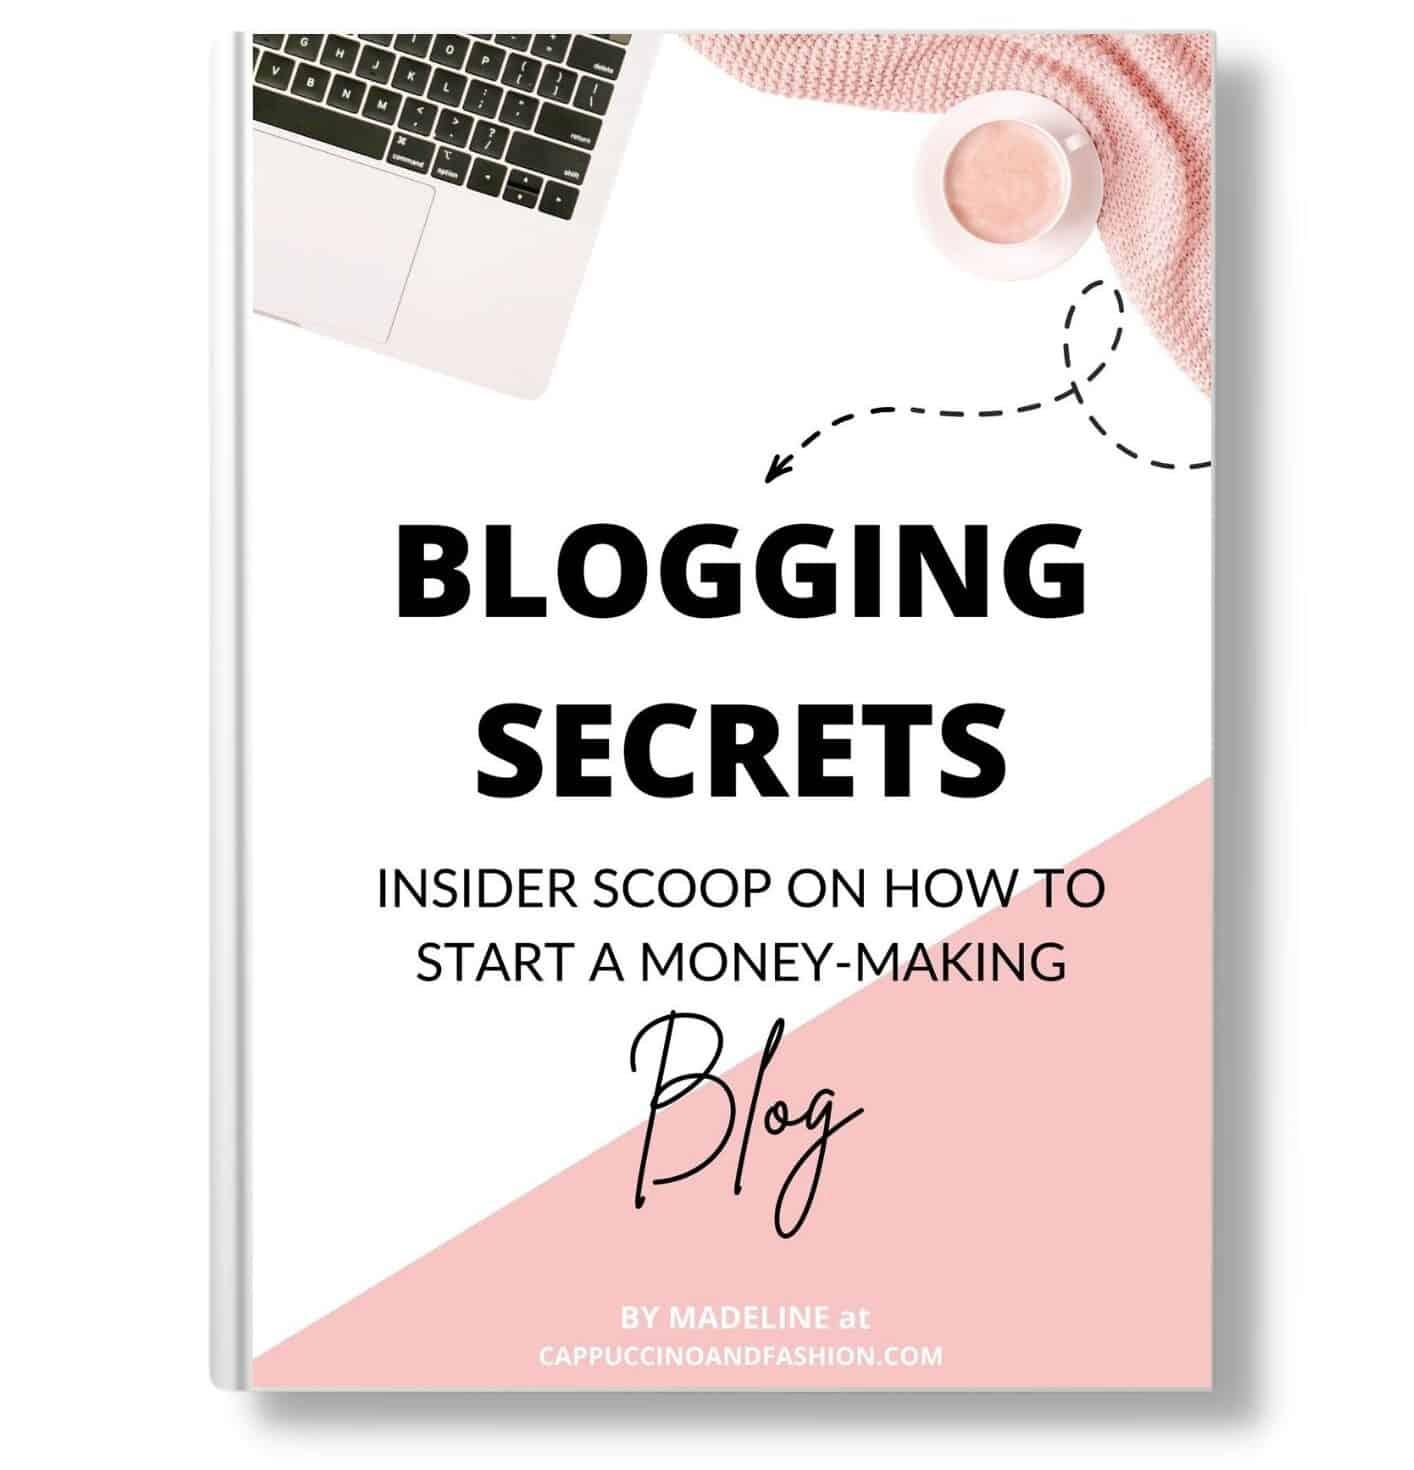 Blogging Secrets Ebook Insider Scoop On How to Start a Money Making Blog